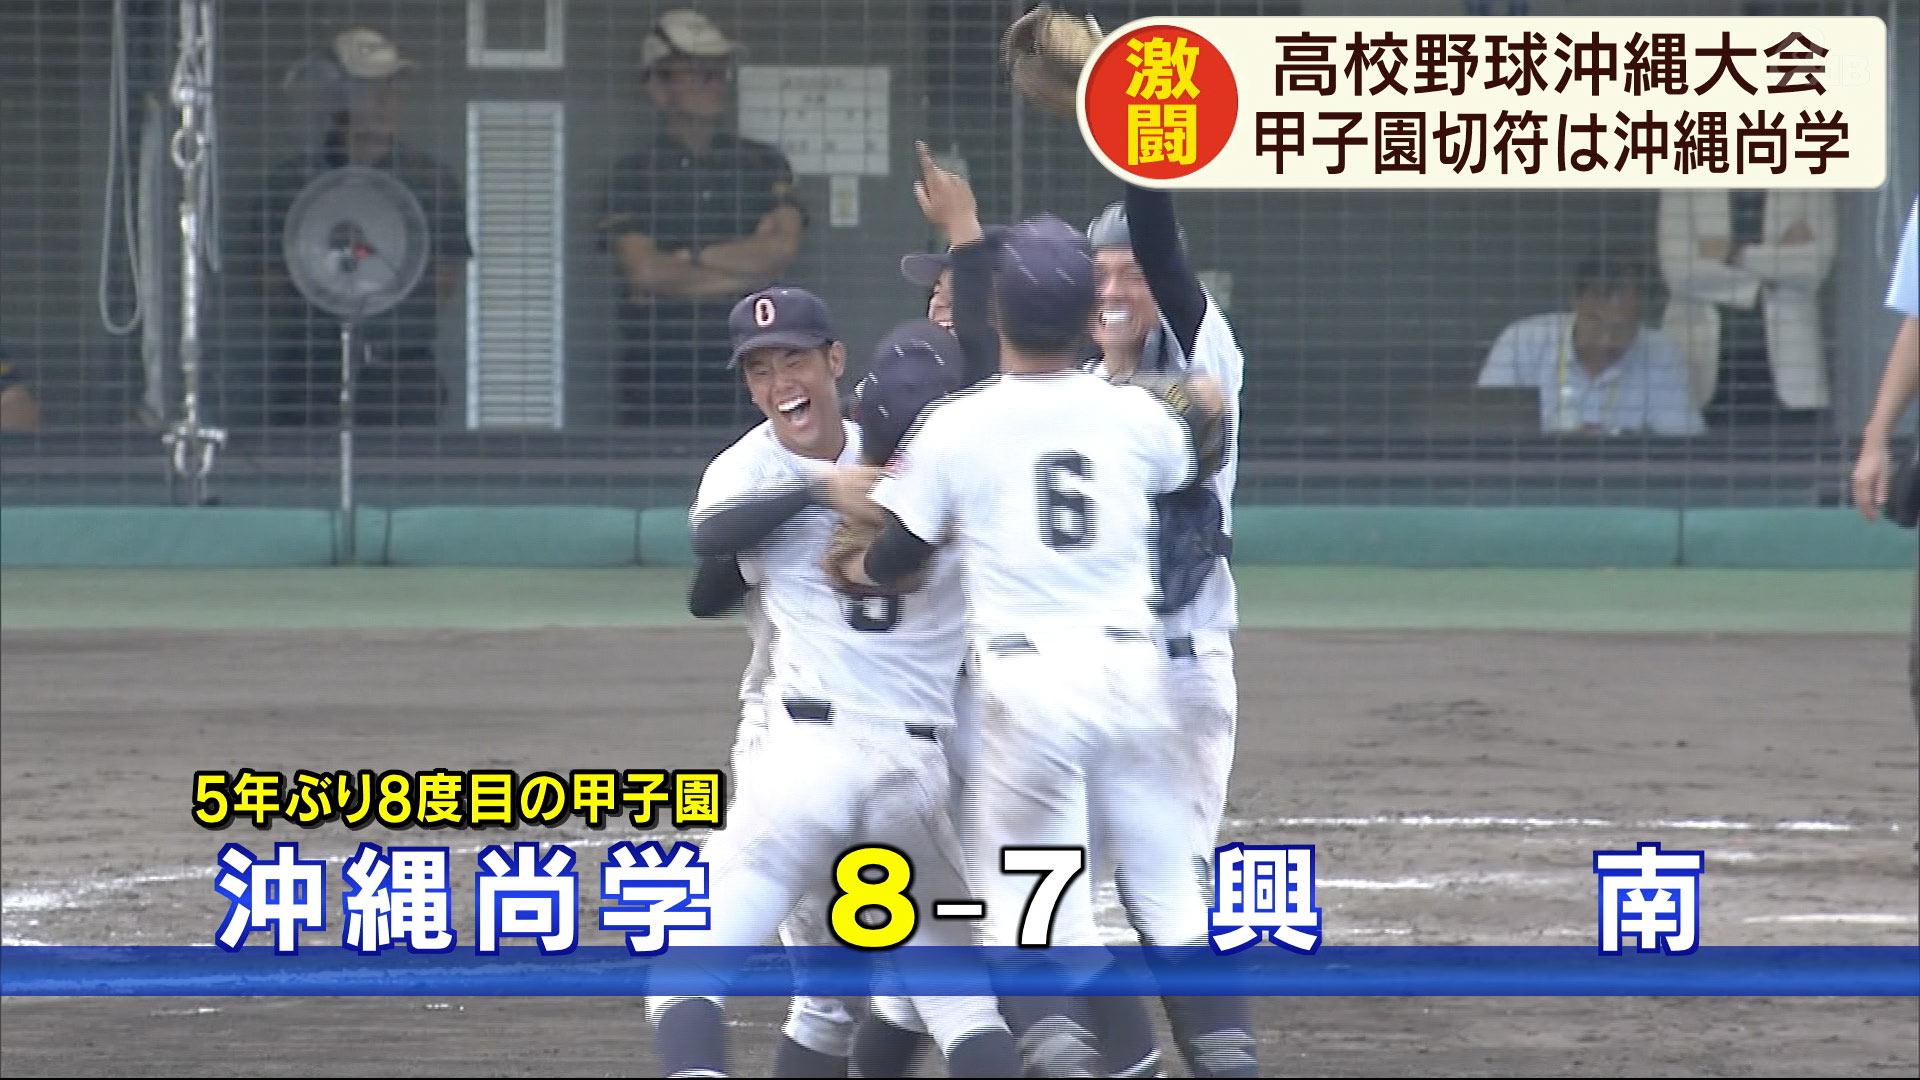 夏の高校野球 沖縄尚学が5年ぶりの優勝